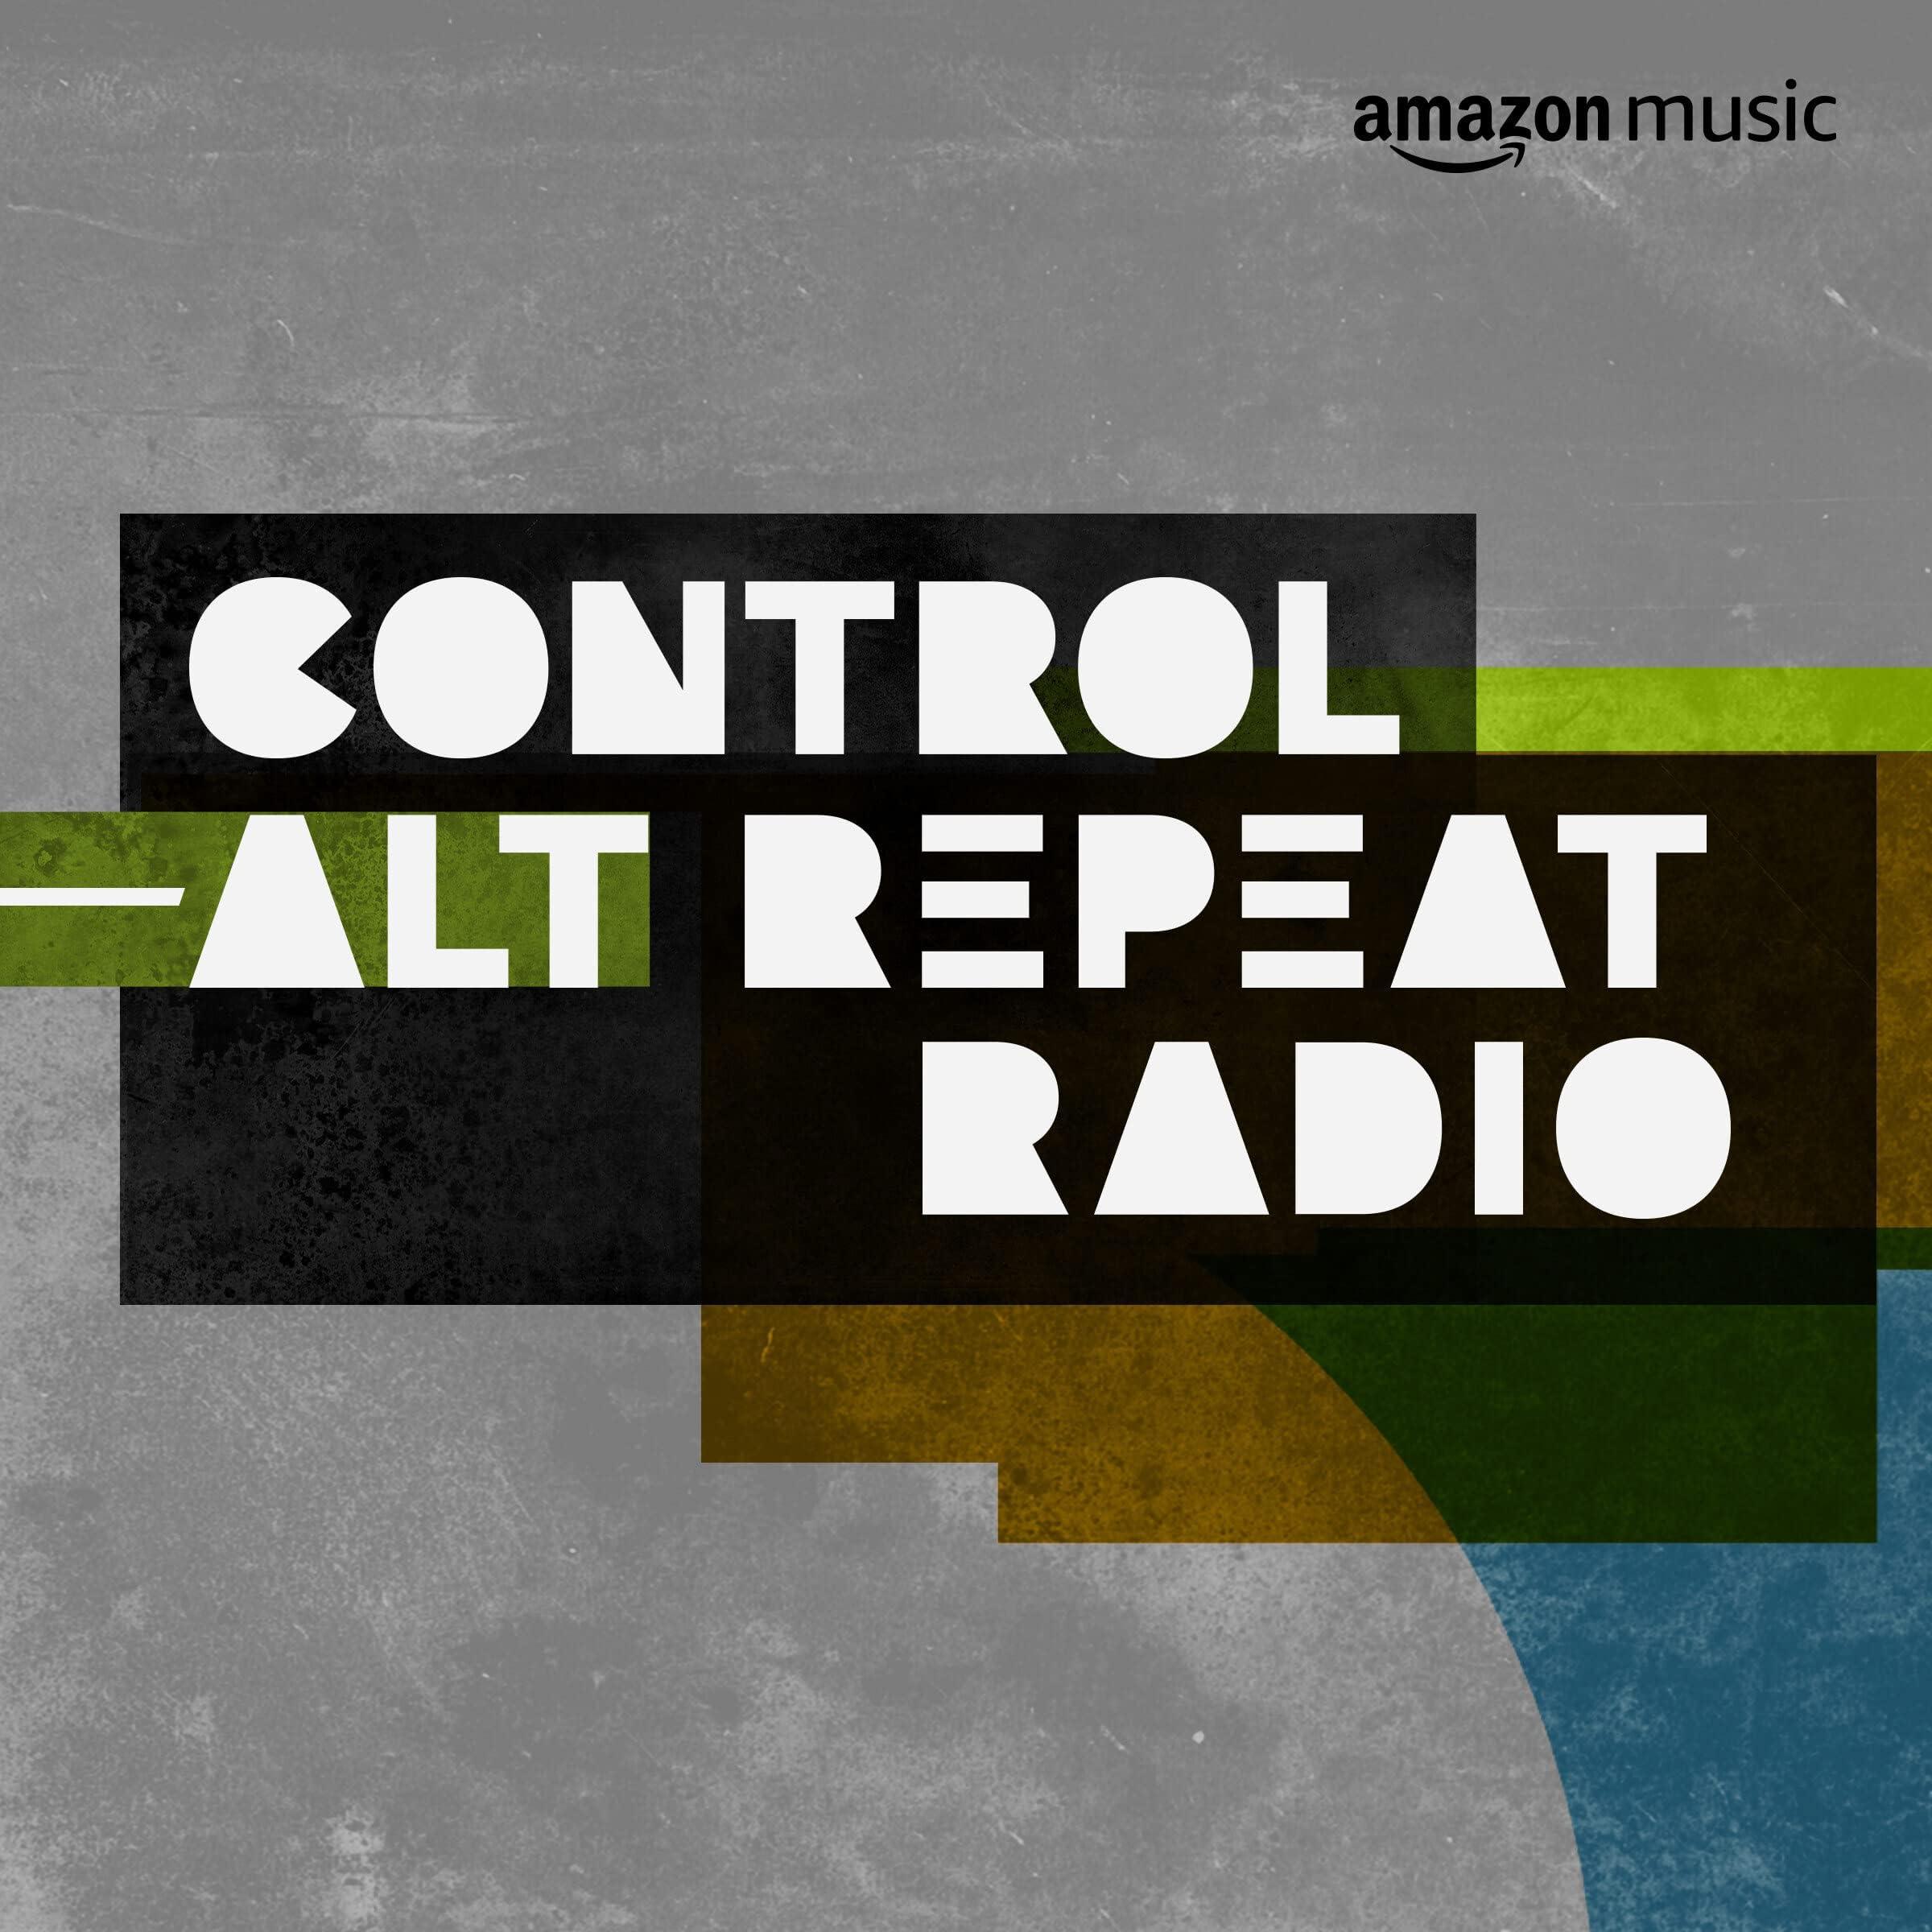 Control Alt Repeat Radio